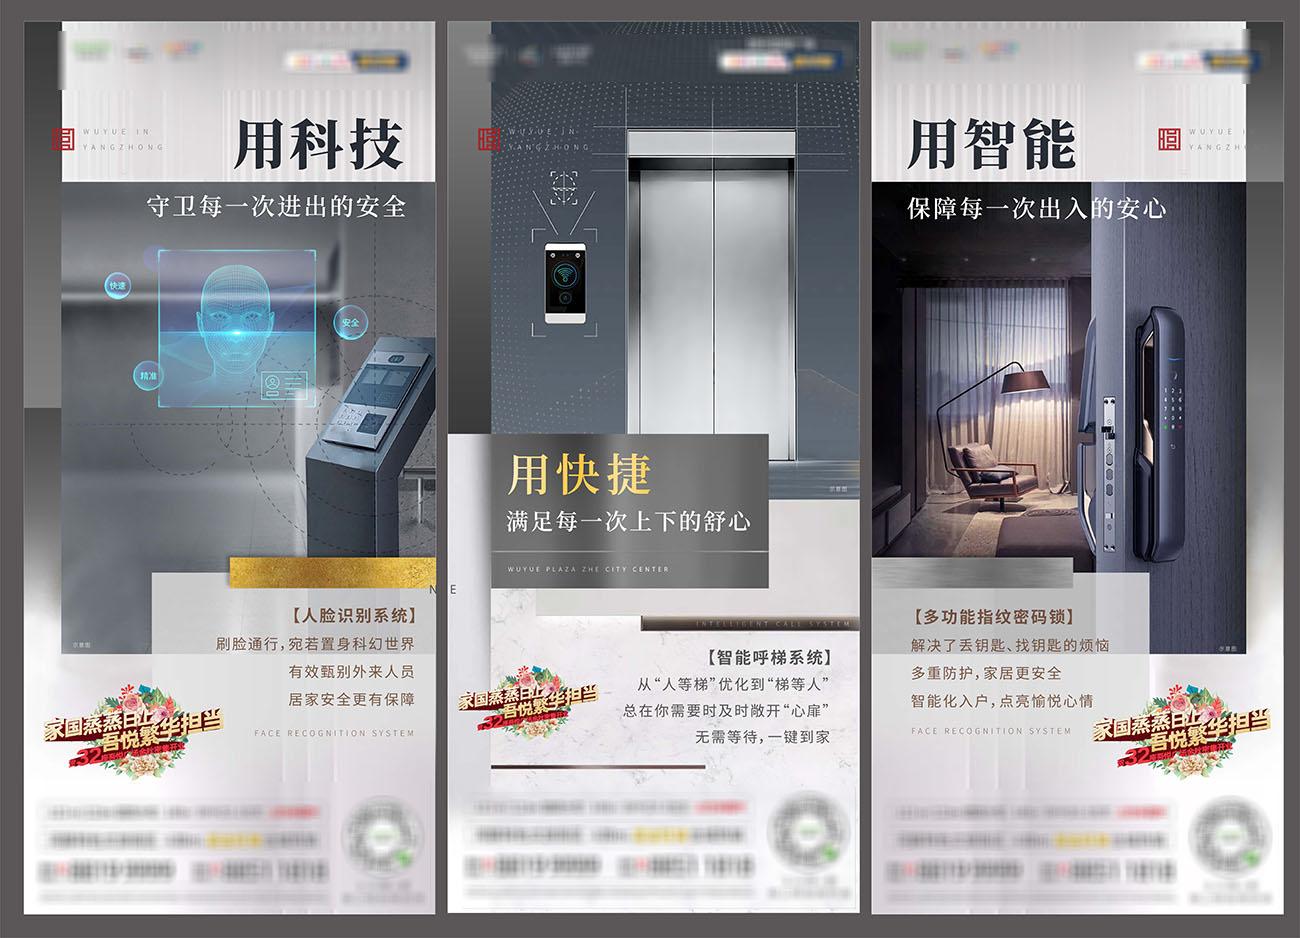 地产科技住宅价值点微信刷屏海报AI源文件插图